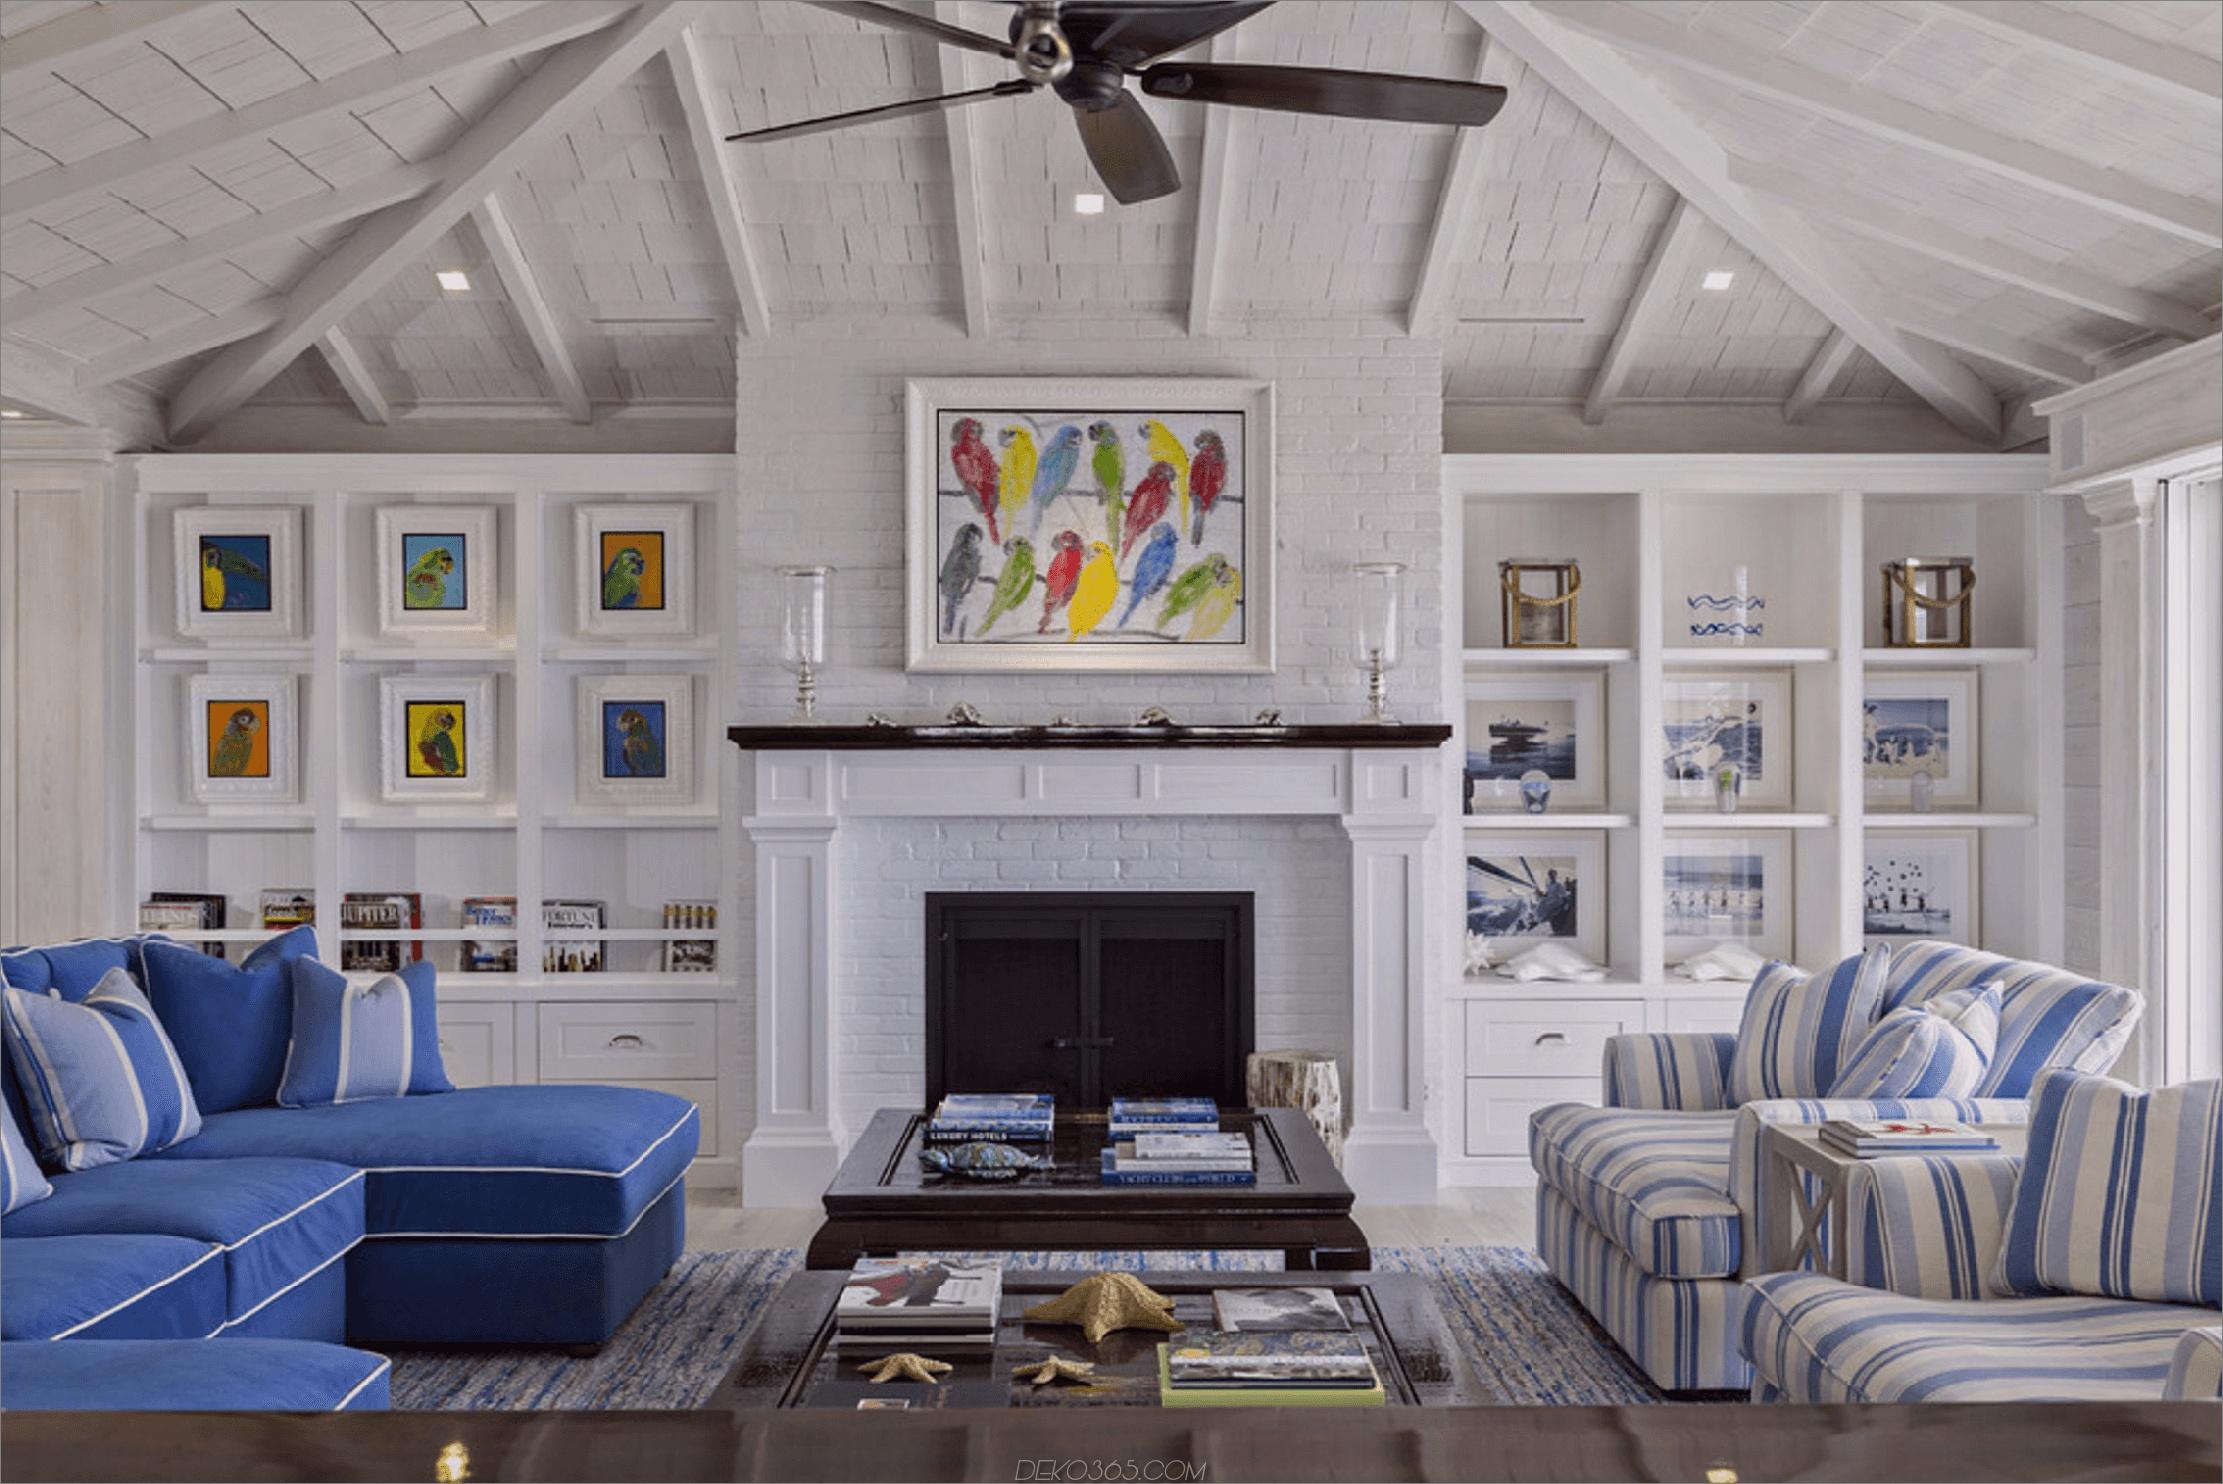 verschiedene Schattierungen von blue.jpg 2 Ferienhausideen zur Aufwertung Ihres Wohnsitzes